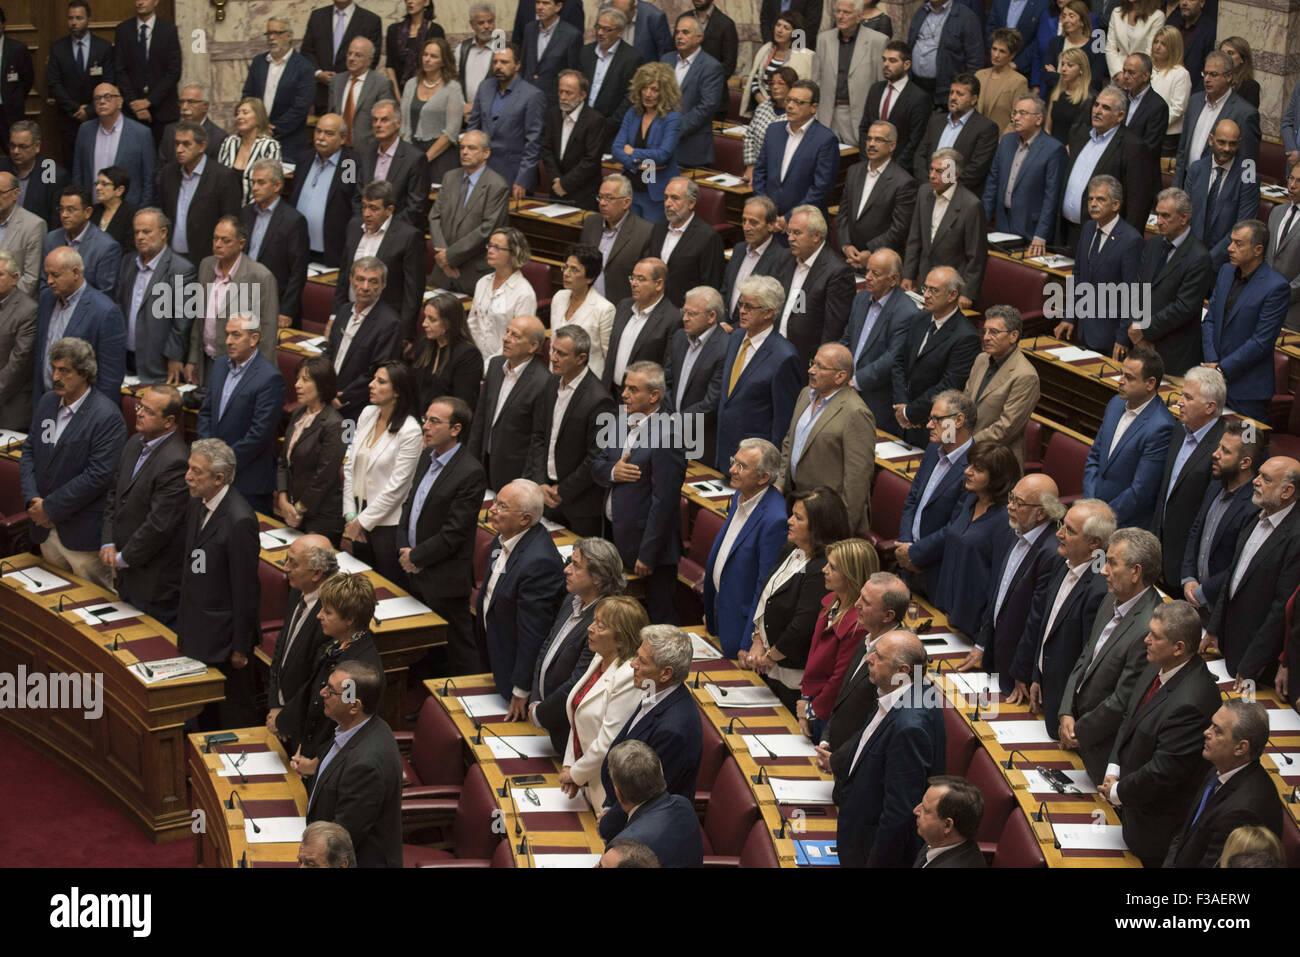 Atene, Grecia. 3° Ott, 2015. Il neo eletto MPs prestare giuramento al Parlamento. Il nuovo Parlamento greco è stato giurato in secondo la procedura ufficiale dopo il xx settembre elezioni nazionali. Credito: Nikolas Georgiou/ZUMA filo/Alamy Live News Foto Stock